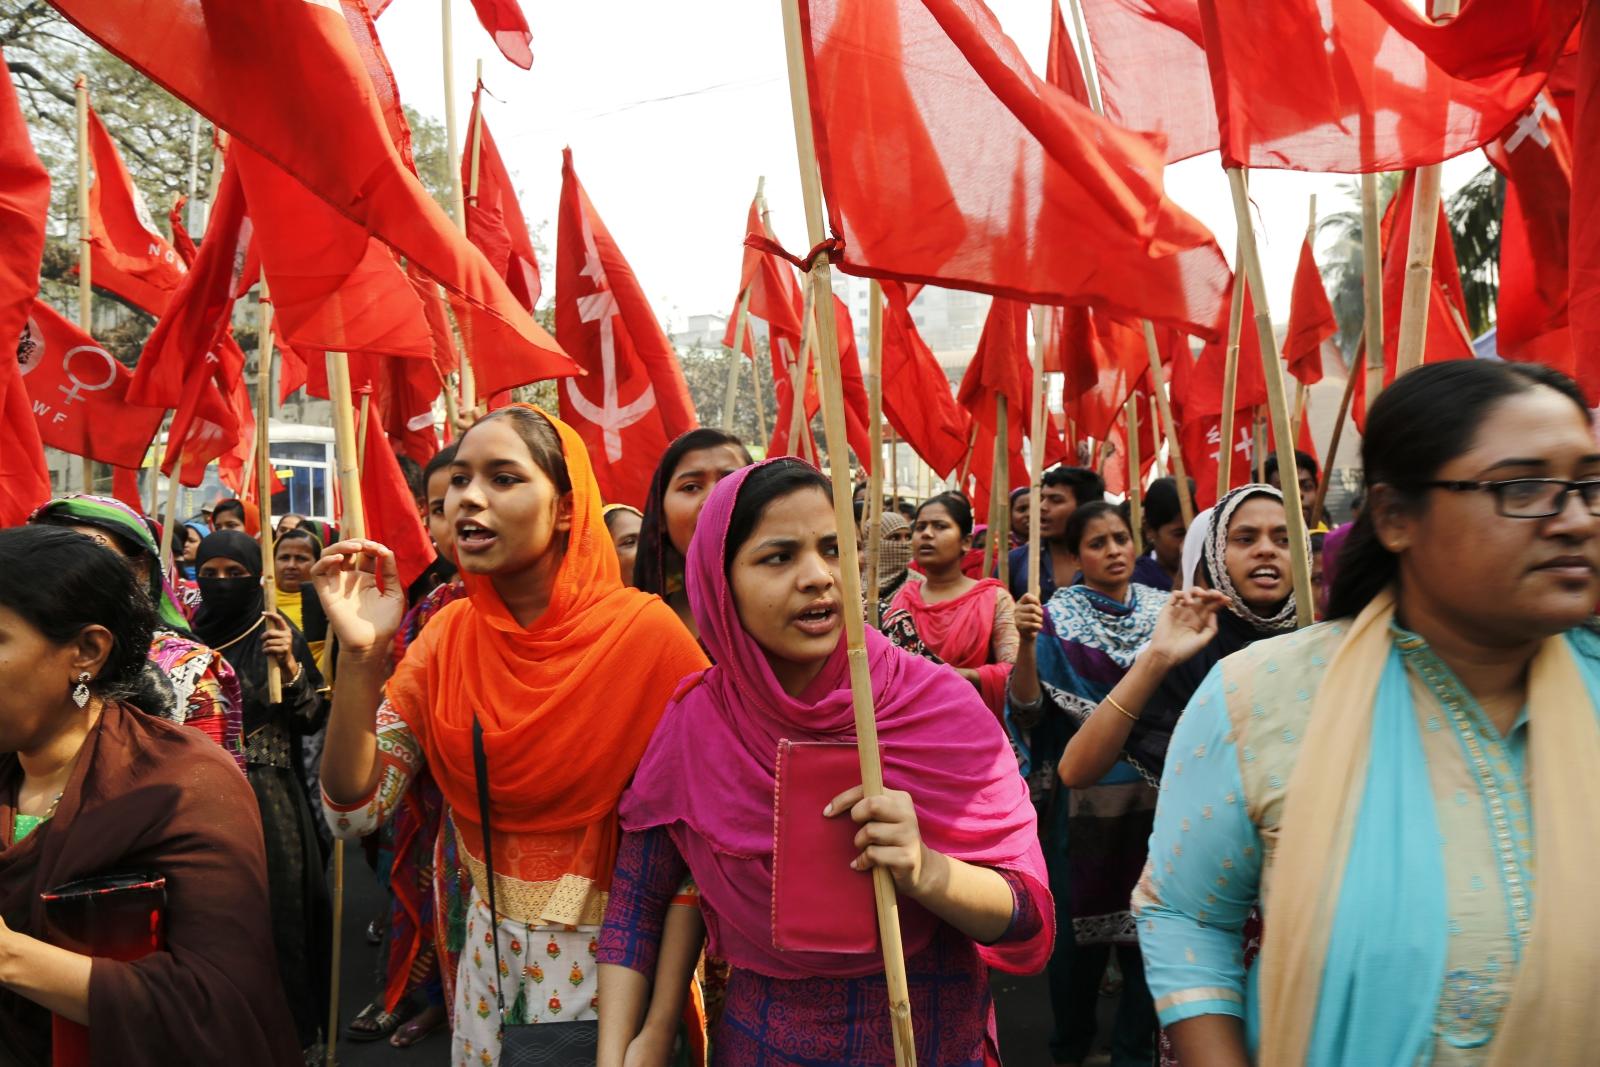 Protest pracowników fabryk w Bangladeszu. Protestujący domagają się uwolnienia 25 liderów oraz ponownego otwarcia fabryk. Fot. PAP/EPA/ABIR ABDULLAH